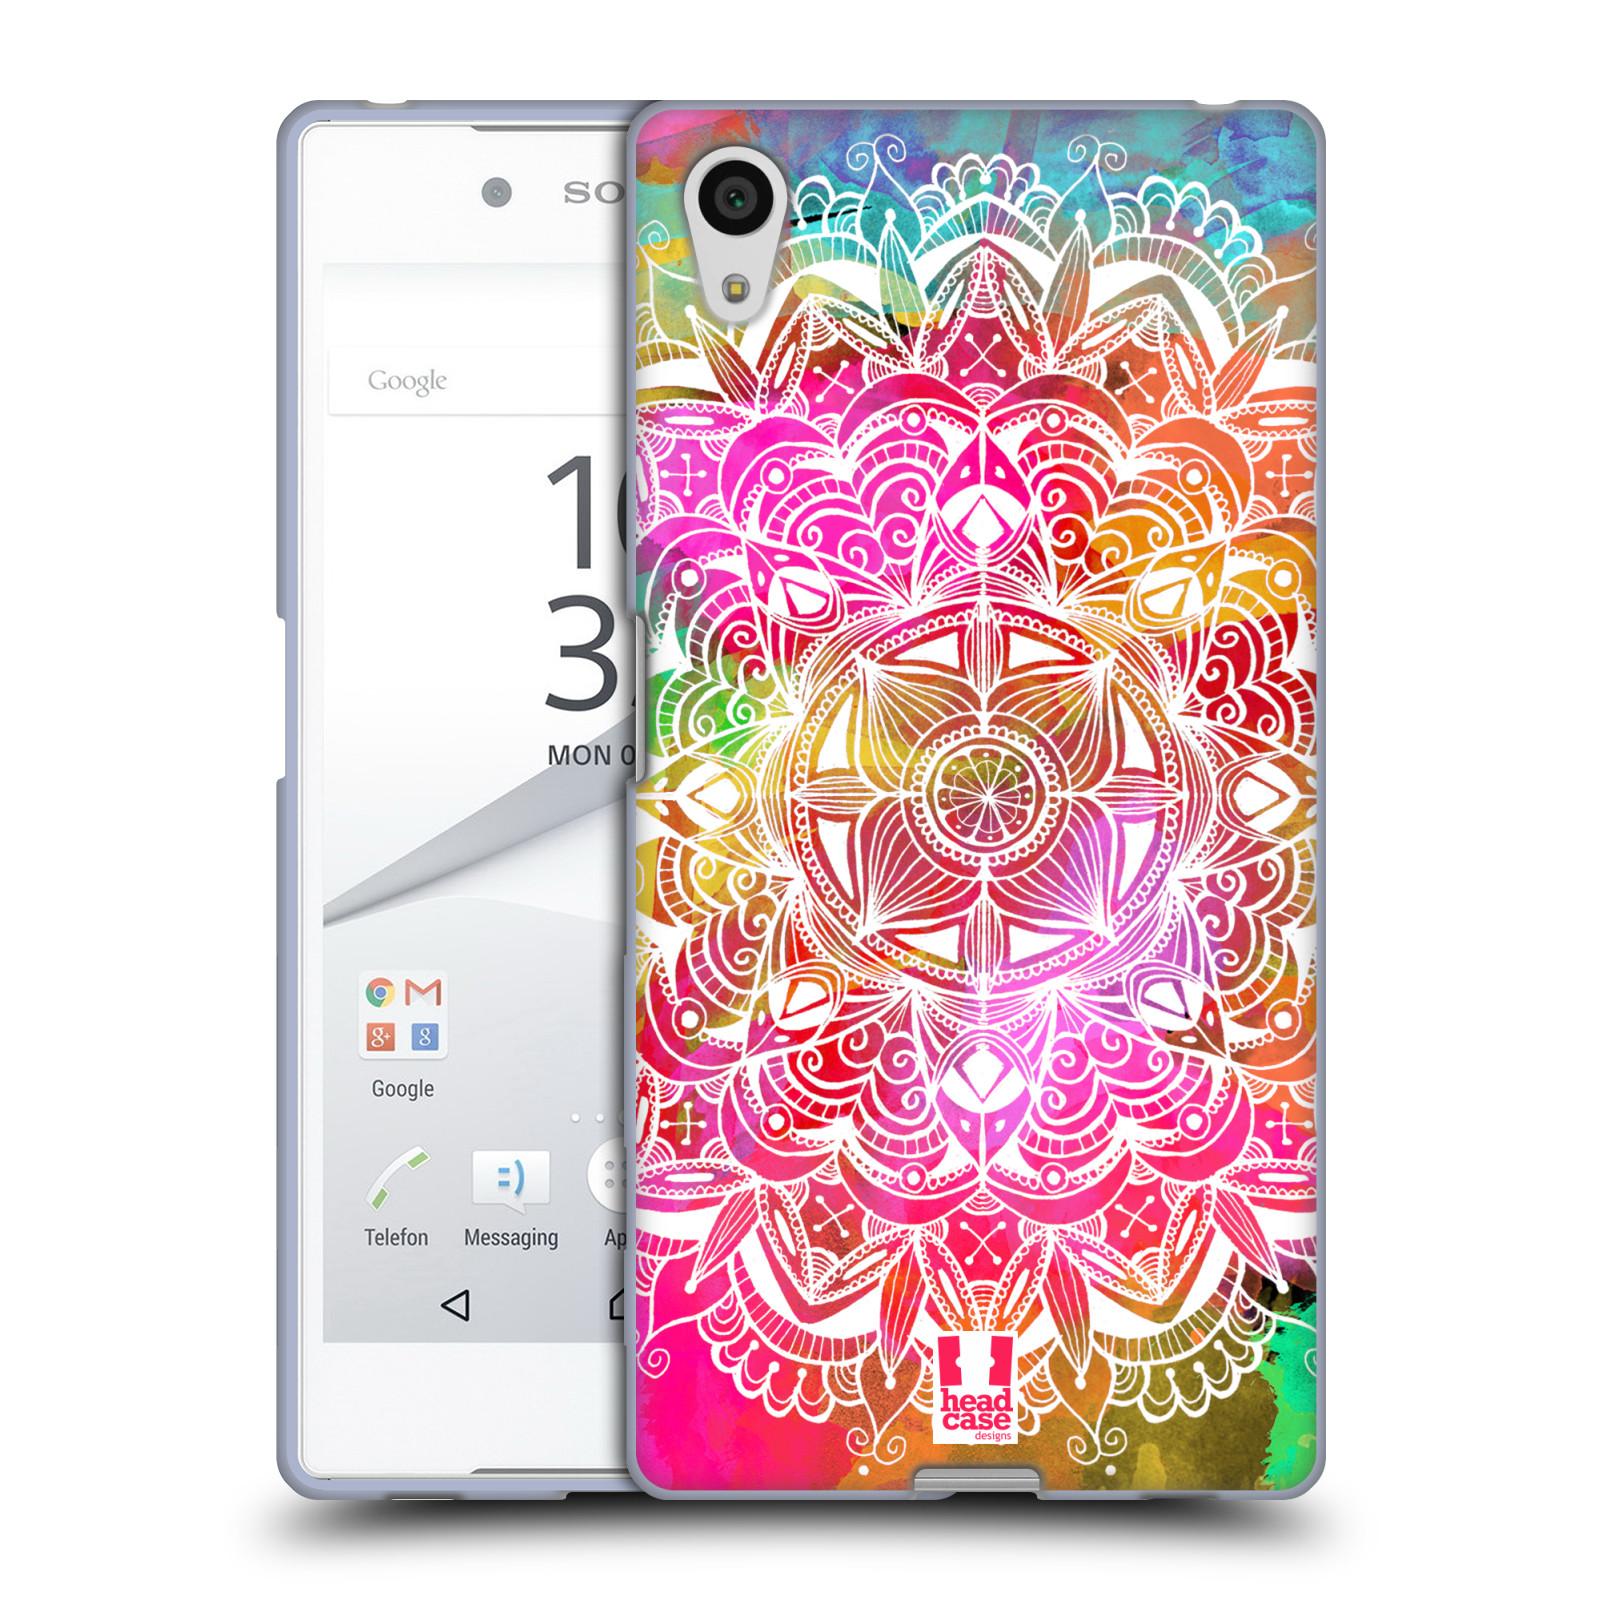 Silikonové pouzdro na mobil Sony Xperia Z5 HEAD CASE Mandala Doodle Watercolour (Silikonový kryt či obal na mobilní telefon Sony Xperia Z5 E6653)